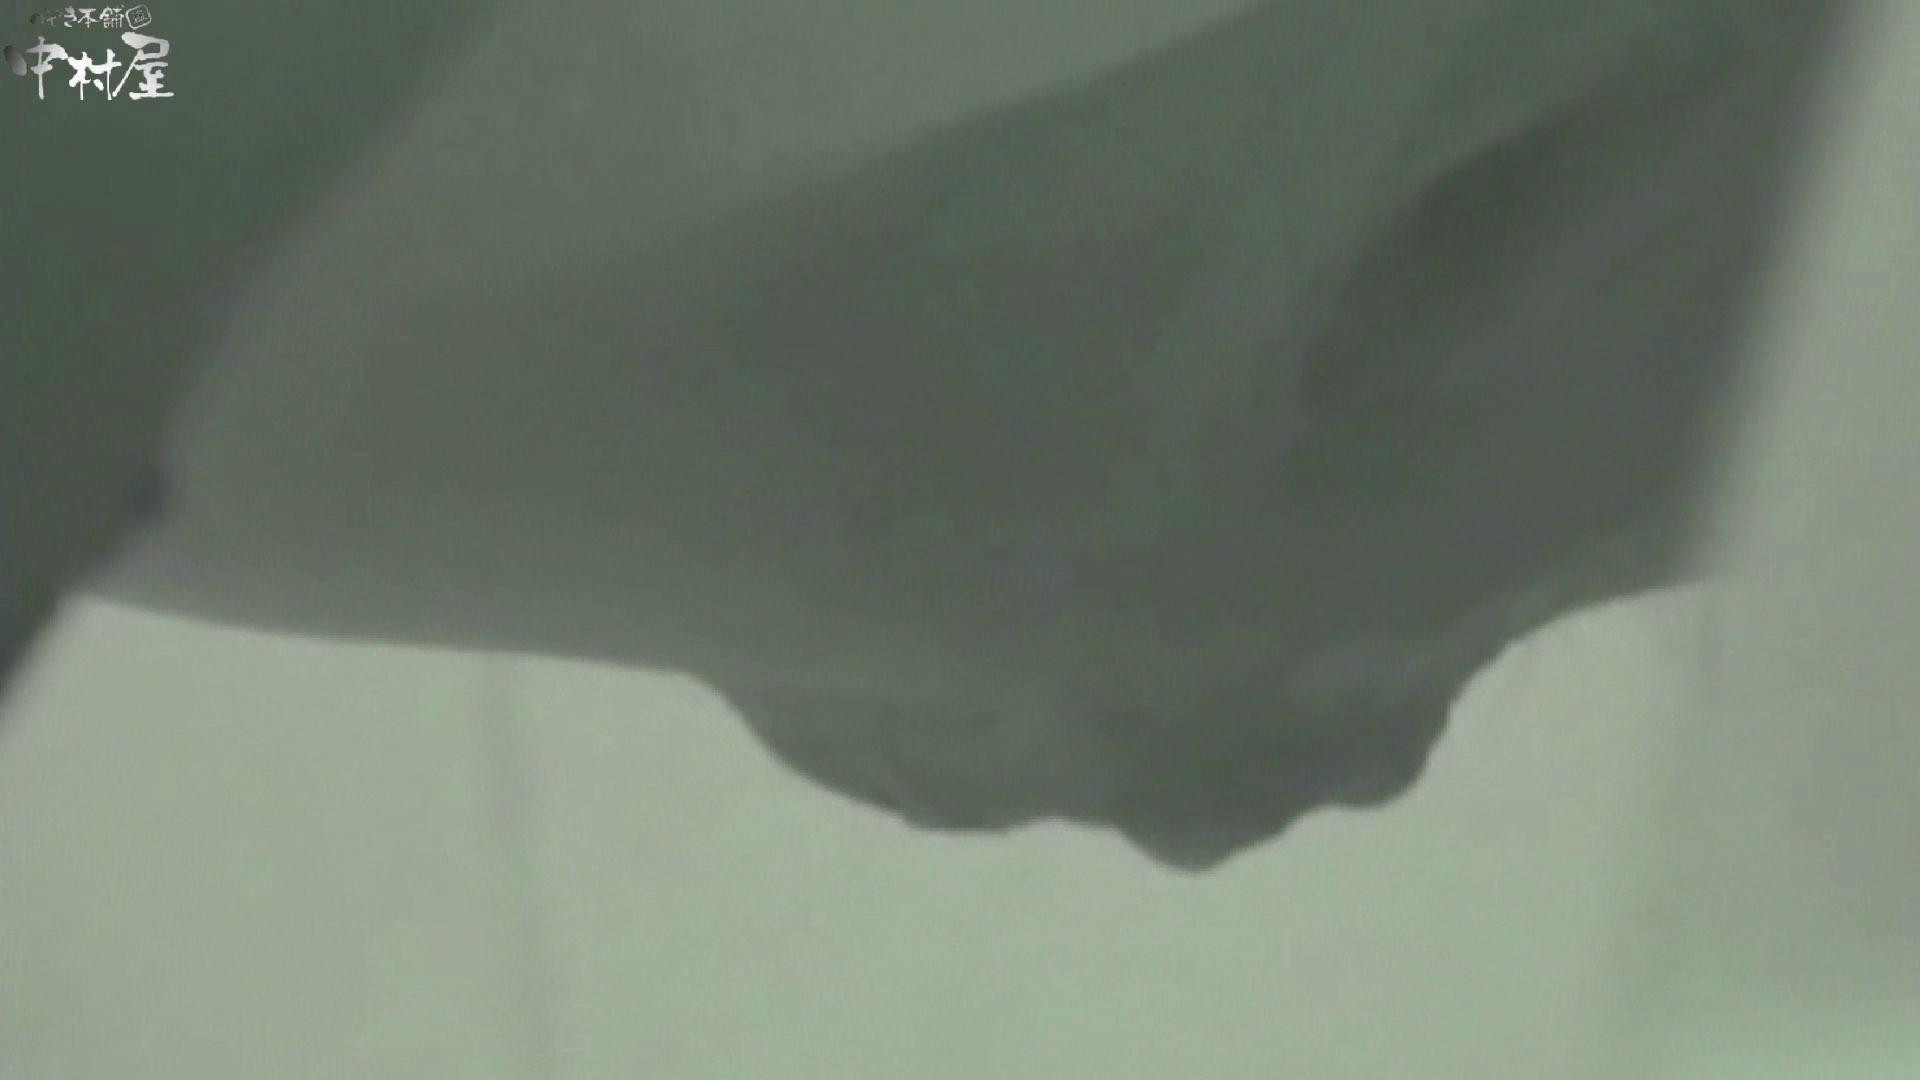 解禁!海の家4カメ洗面所vol.08 人気シリーズ | 洗面所  71pic 70